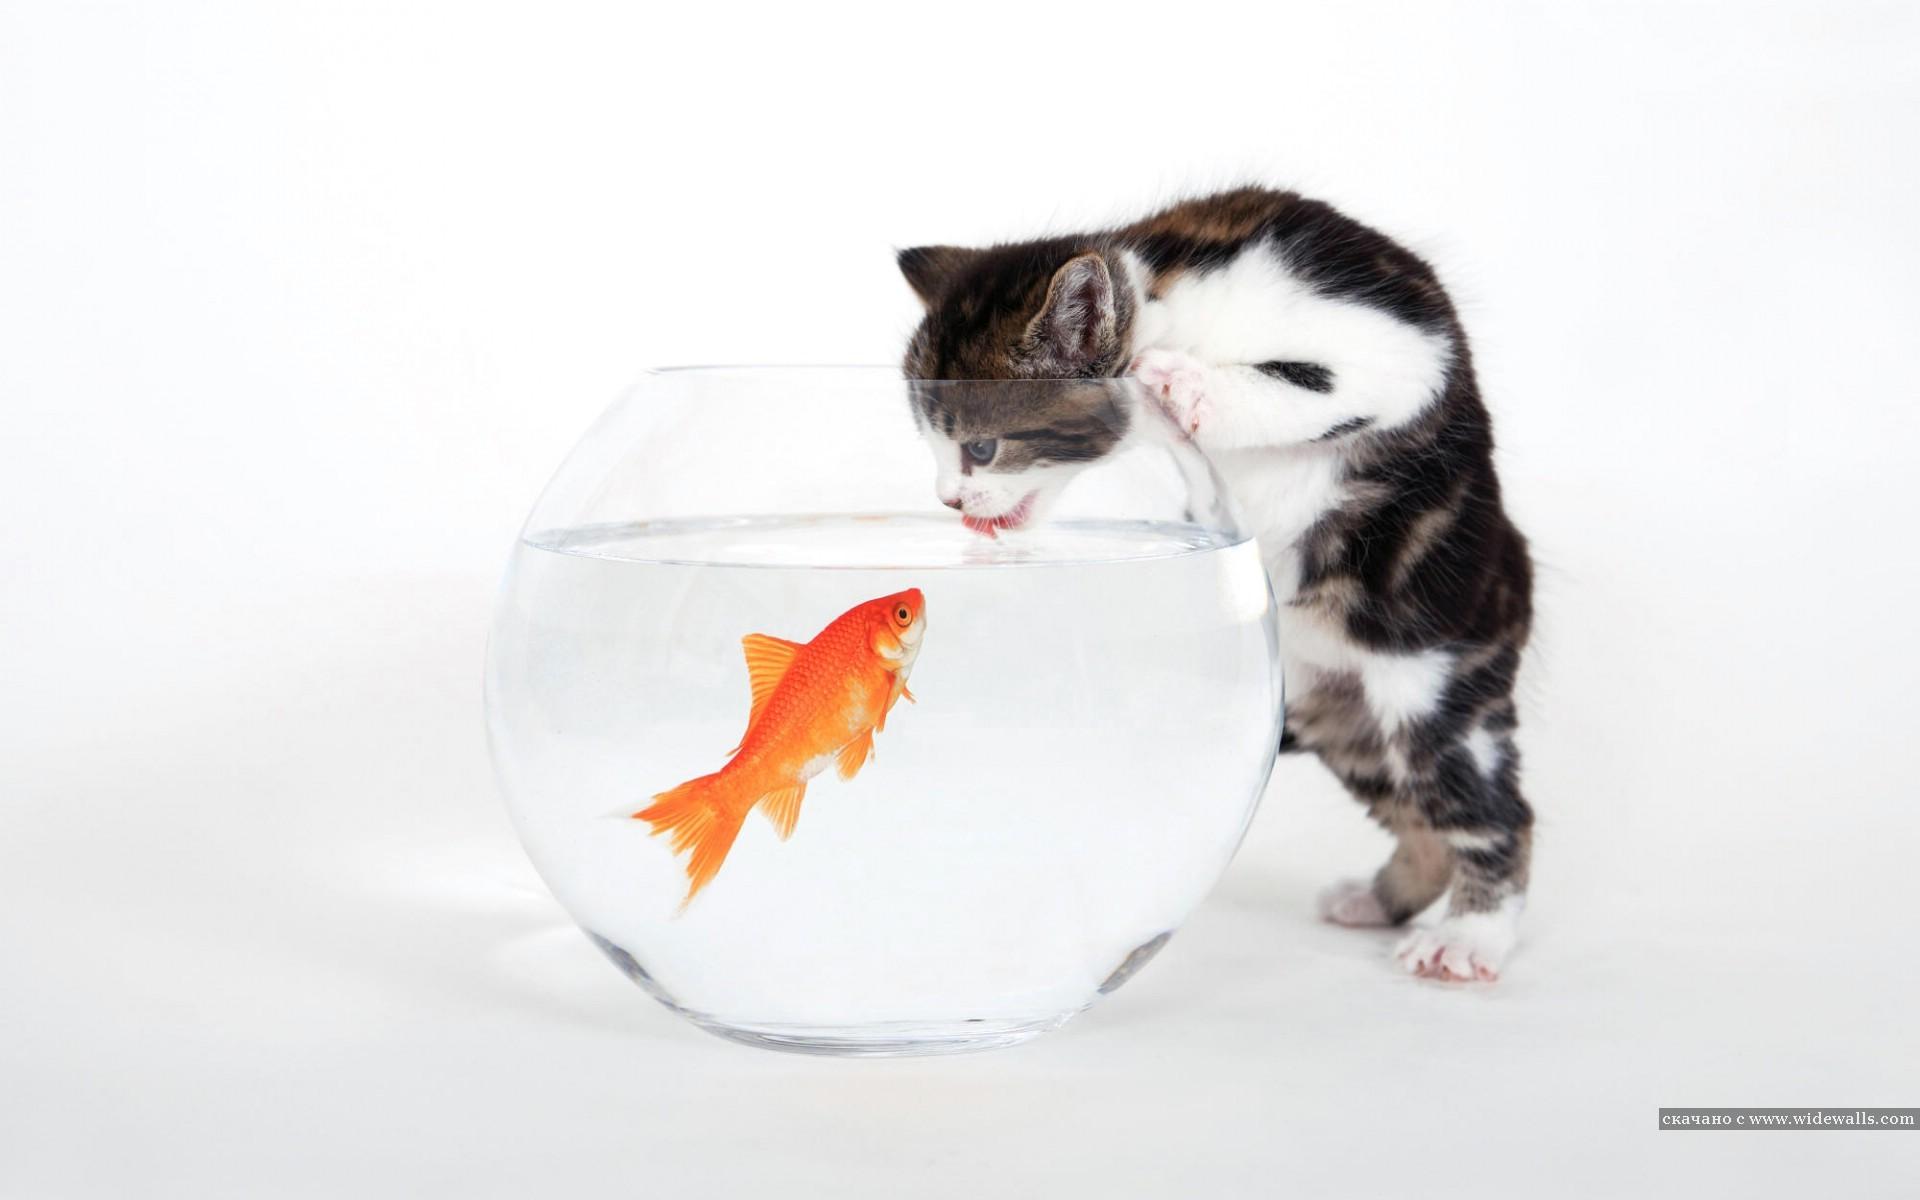 12451 завантажити шпалери Кішки, Гумор, Тварини, Риби - заставки і картинки безкоштовно